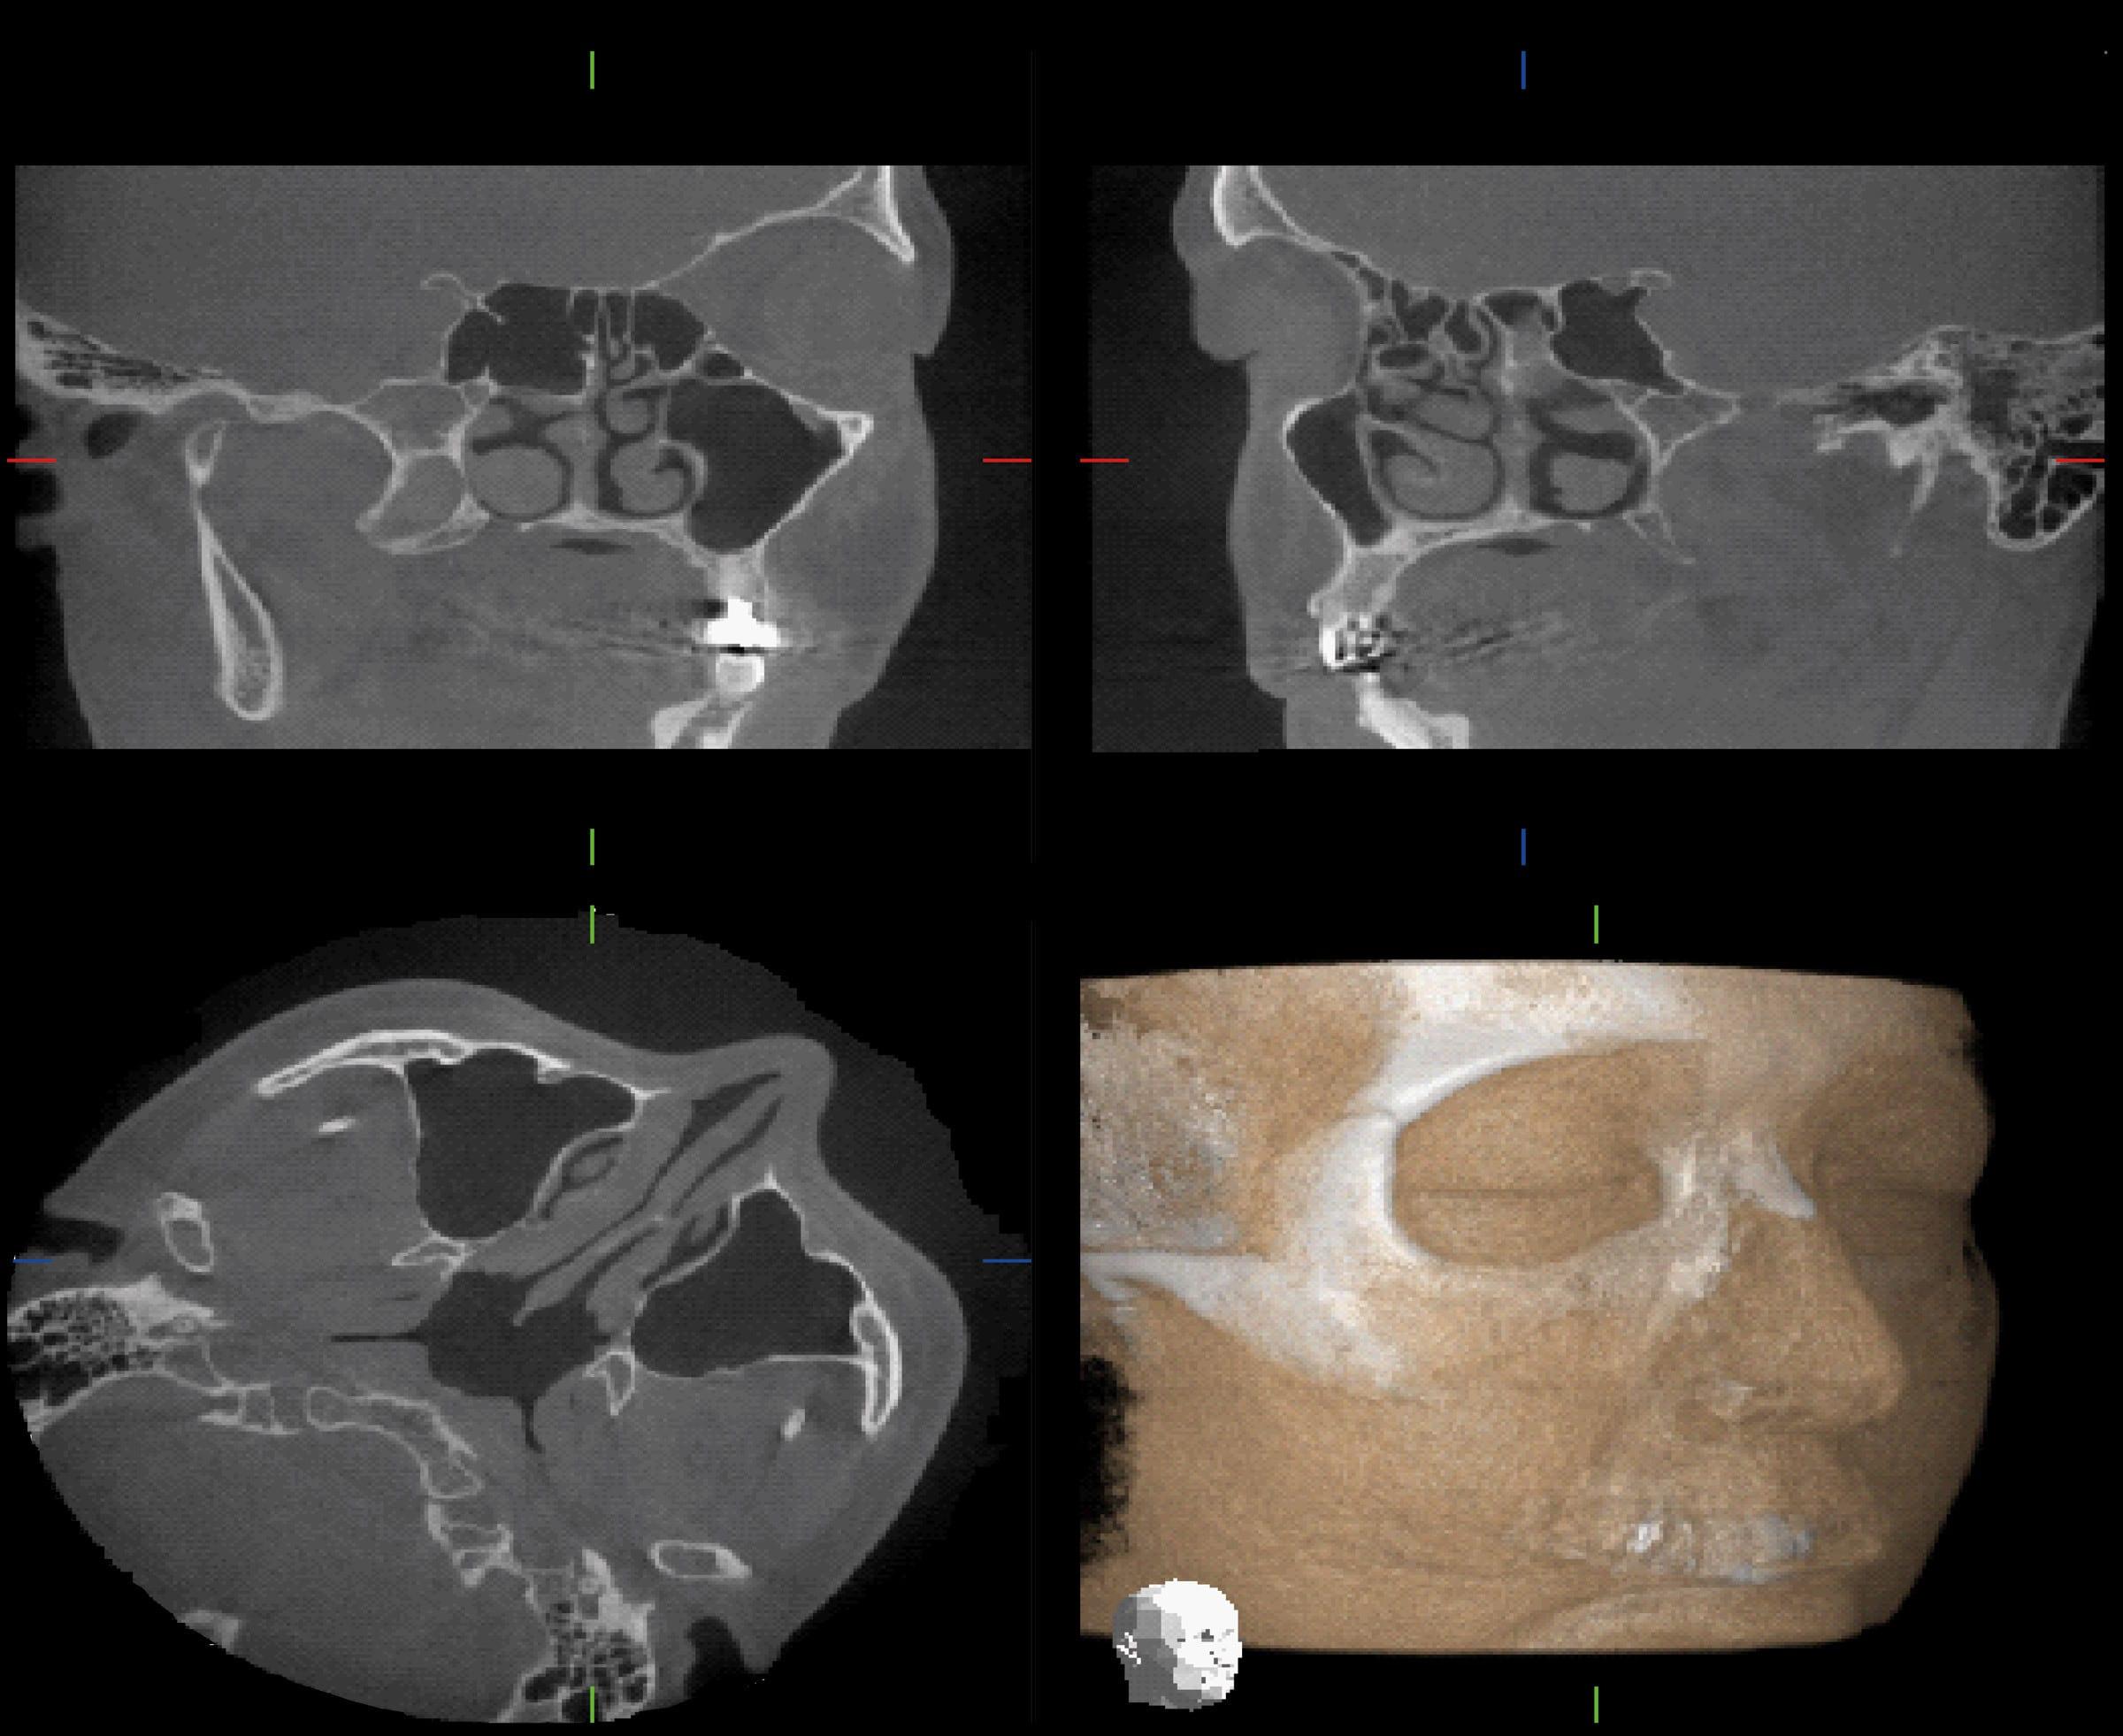 Vorteile der Digitalen Volumentomographie in der HNO-Heilkunde | MORITA